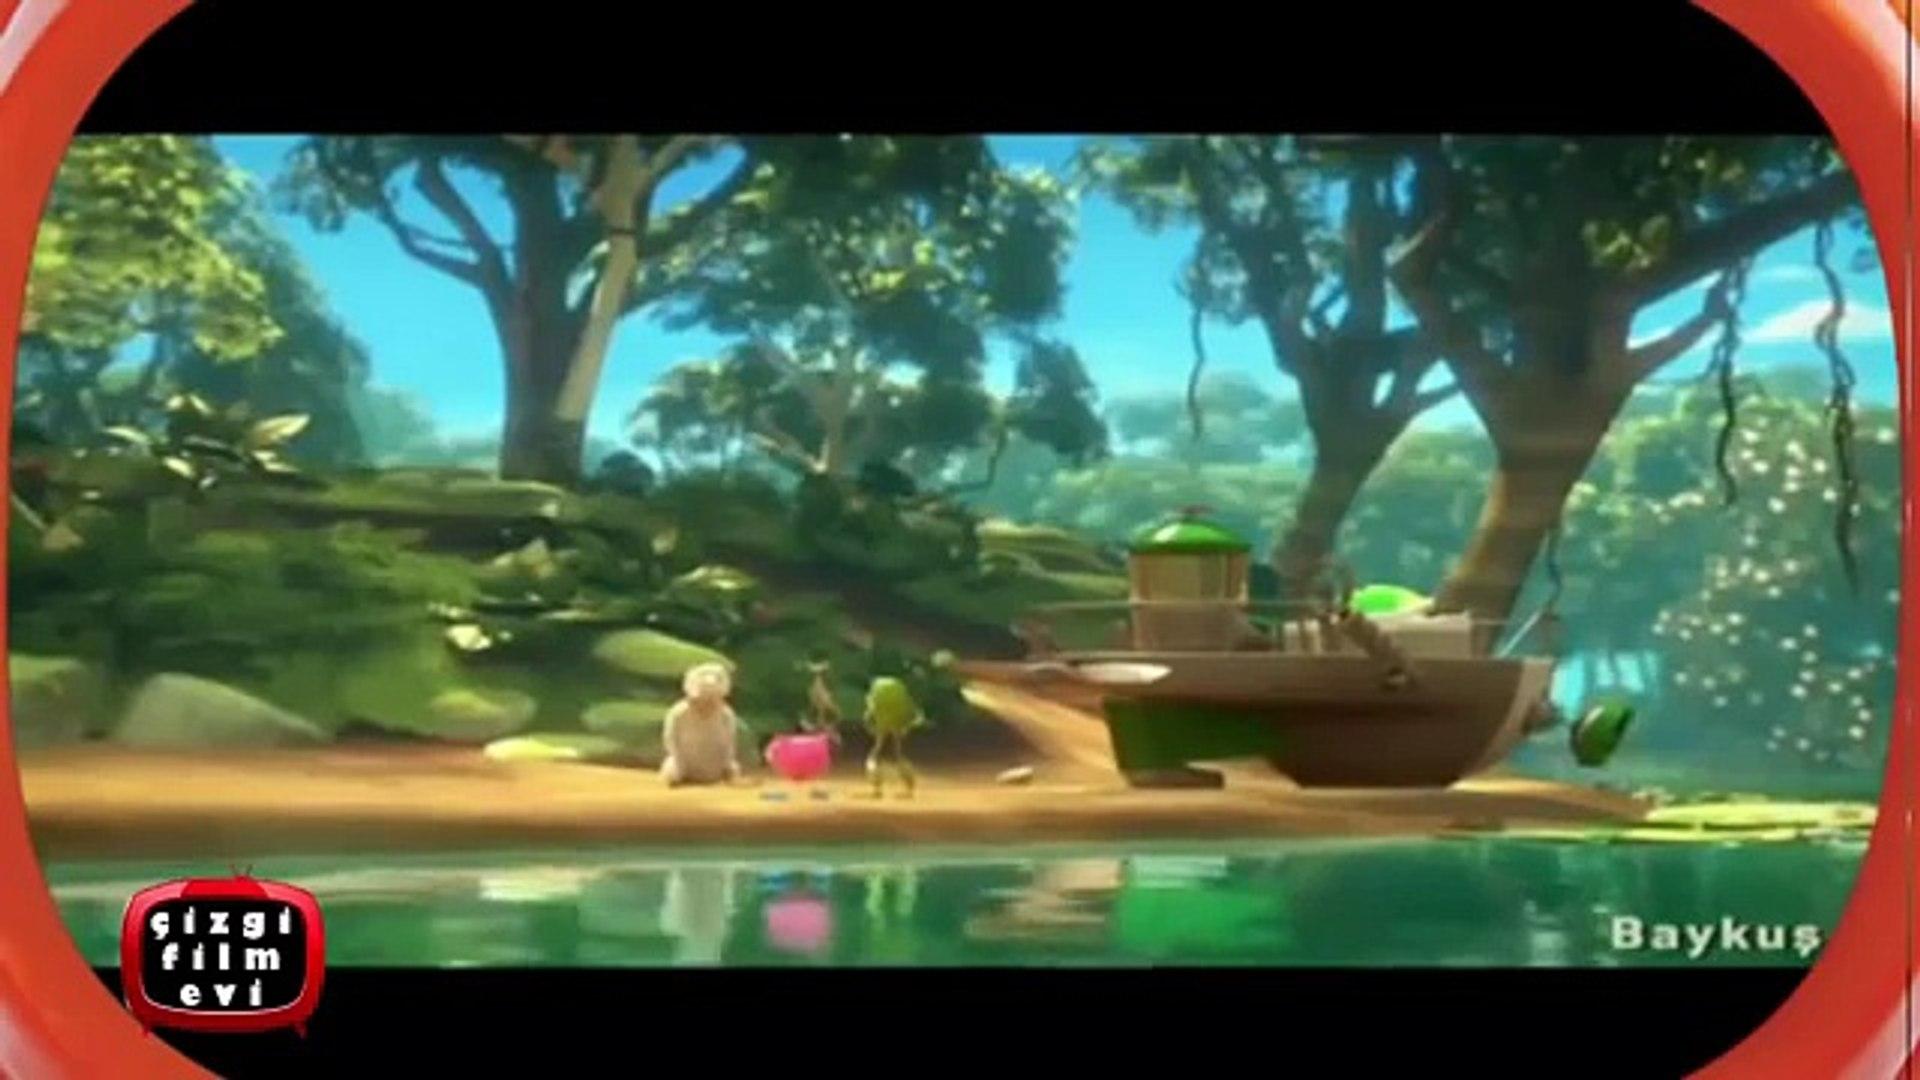 Süper Baykuş Türkçe çizgi film izle 2016 çizgi filmleri